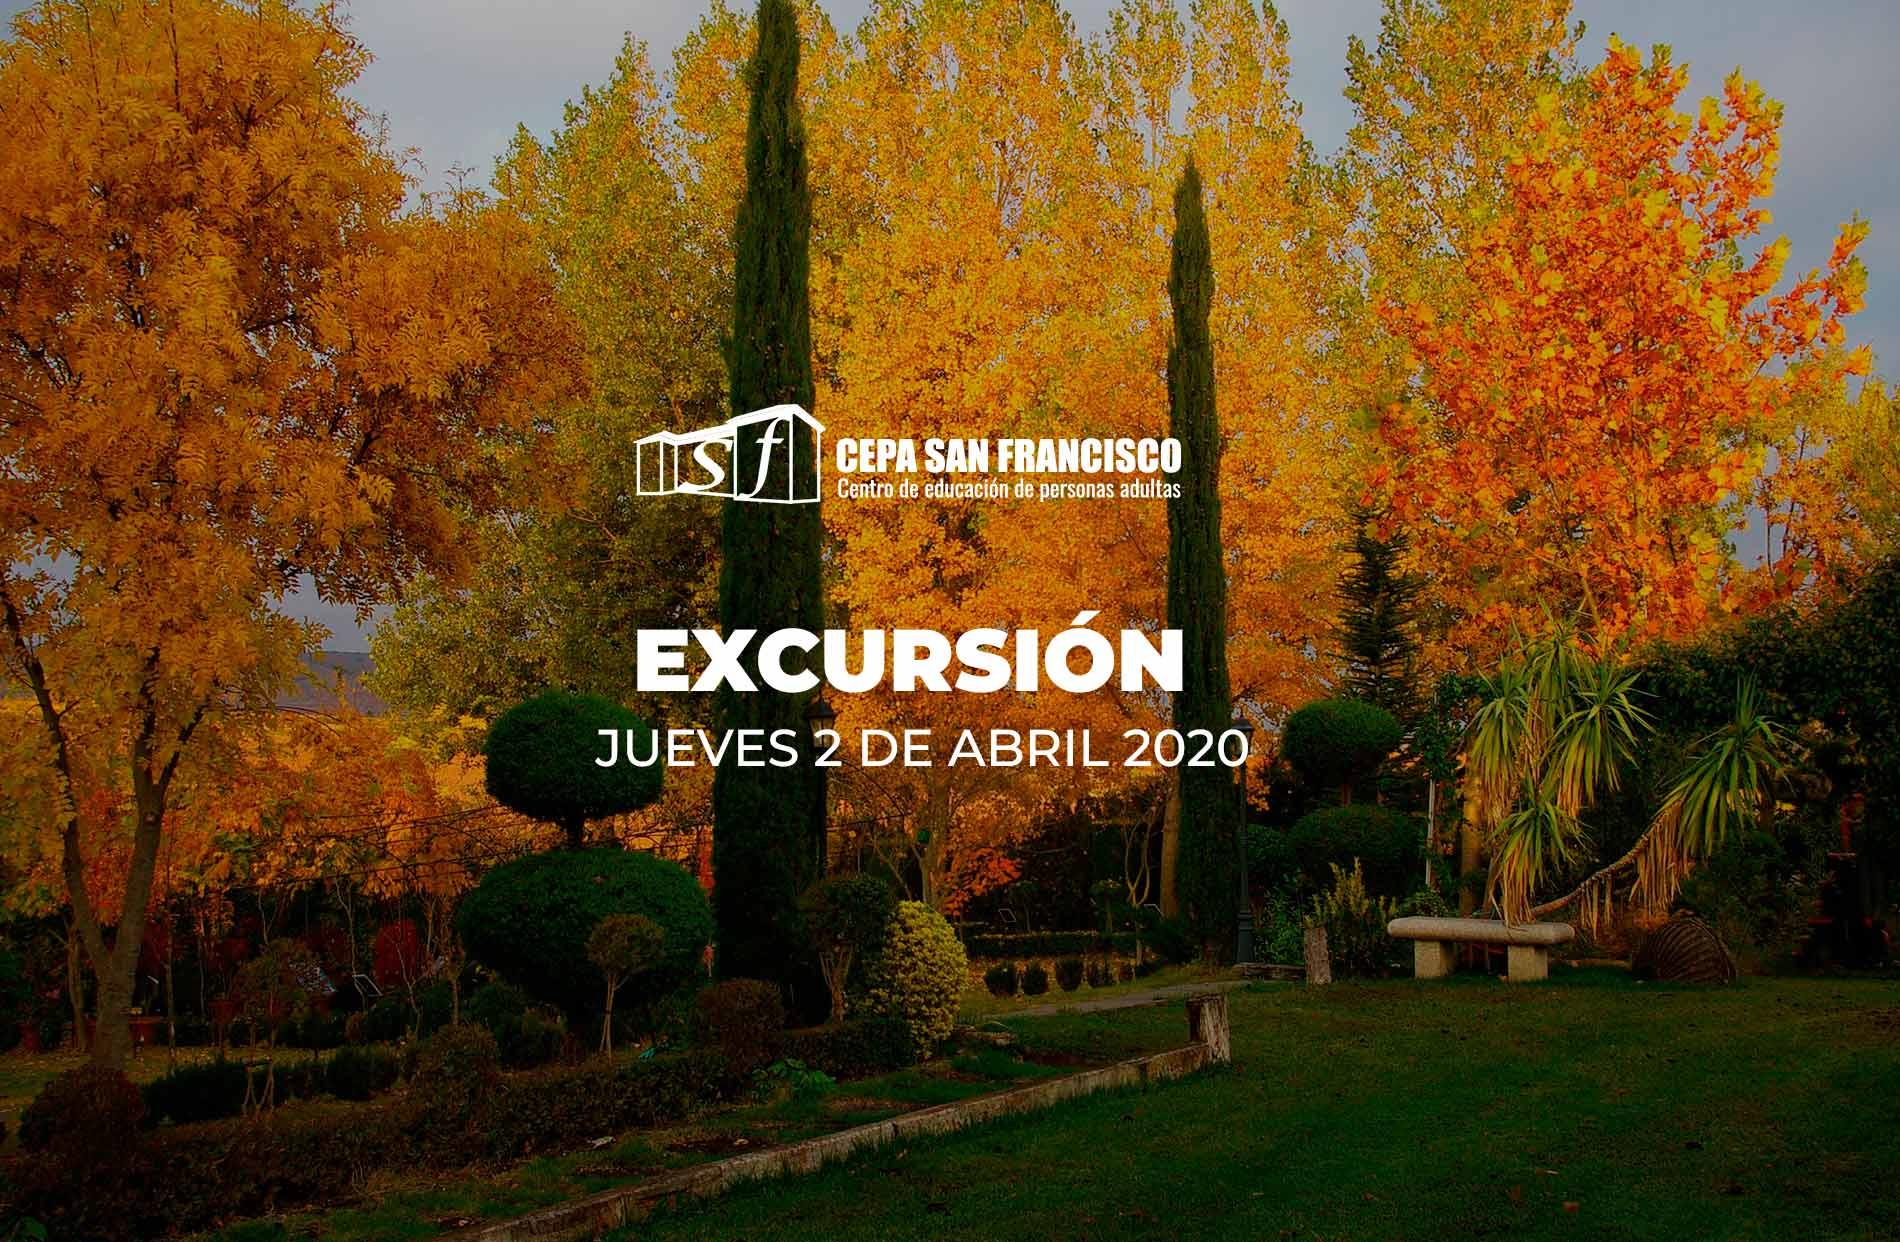 Excursión 2 de abril 2020